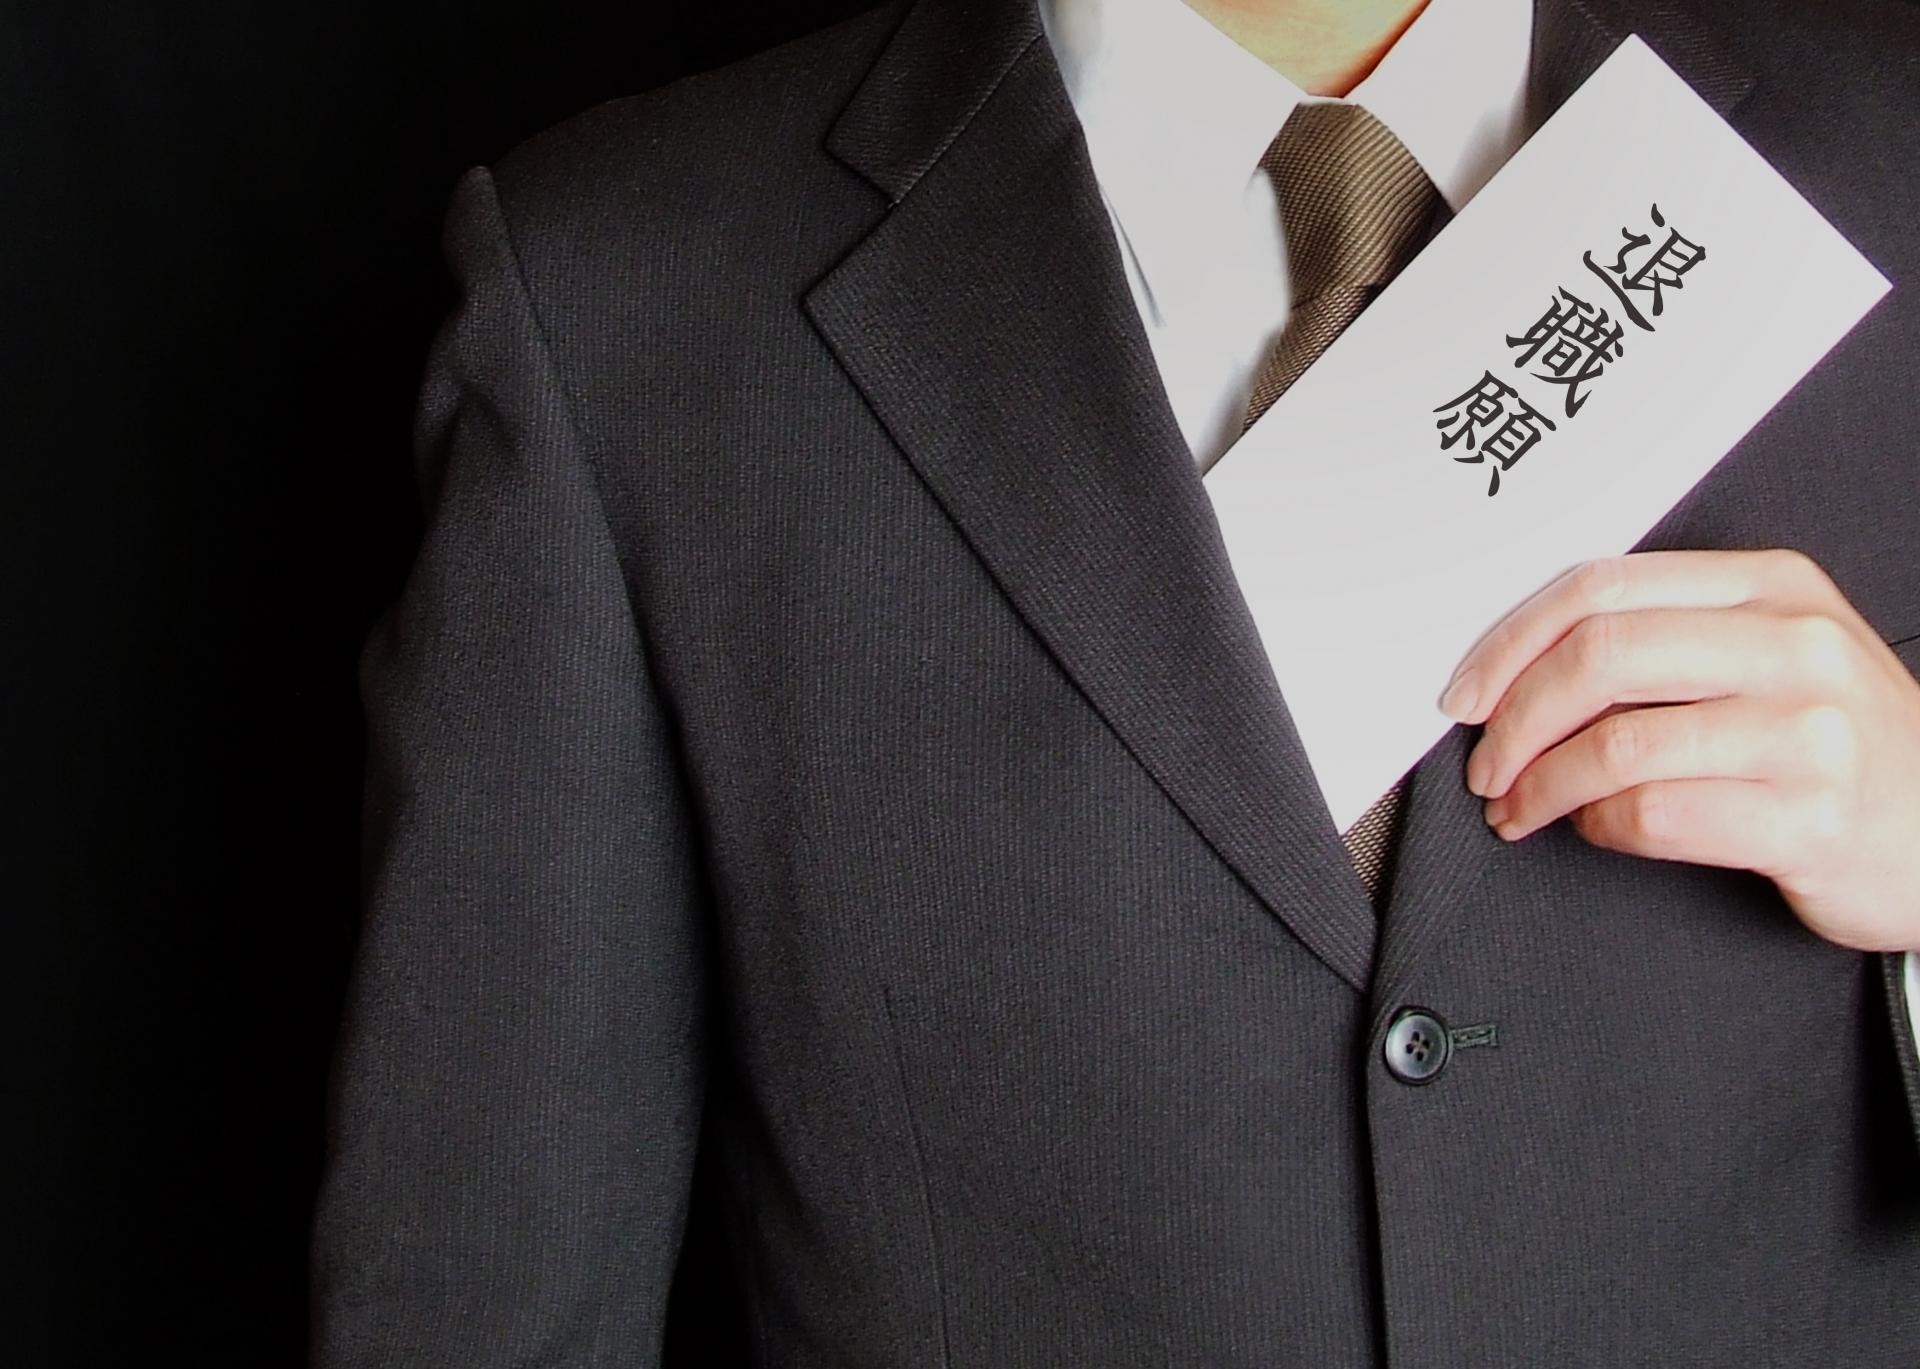 公務員を辞めたい1年目の新卒職員は、早めに辞めるべき理由